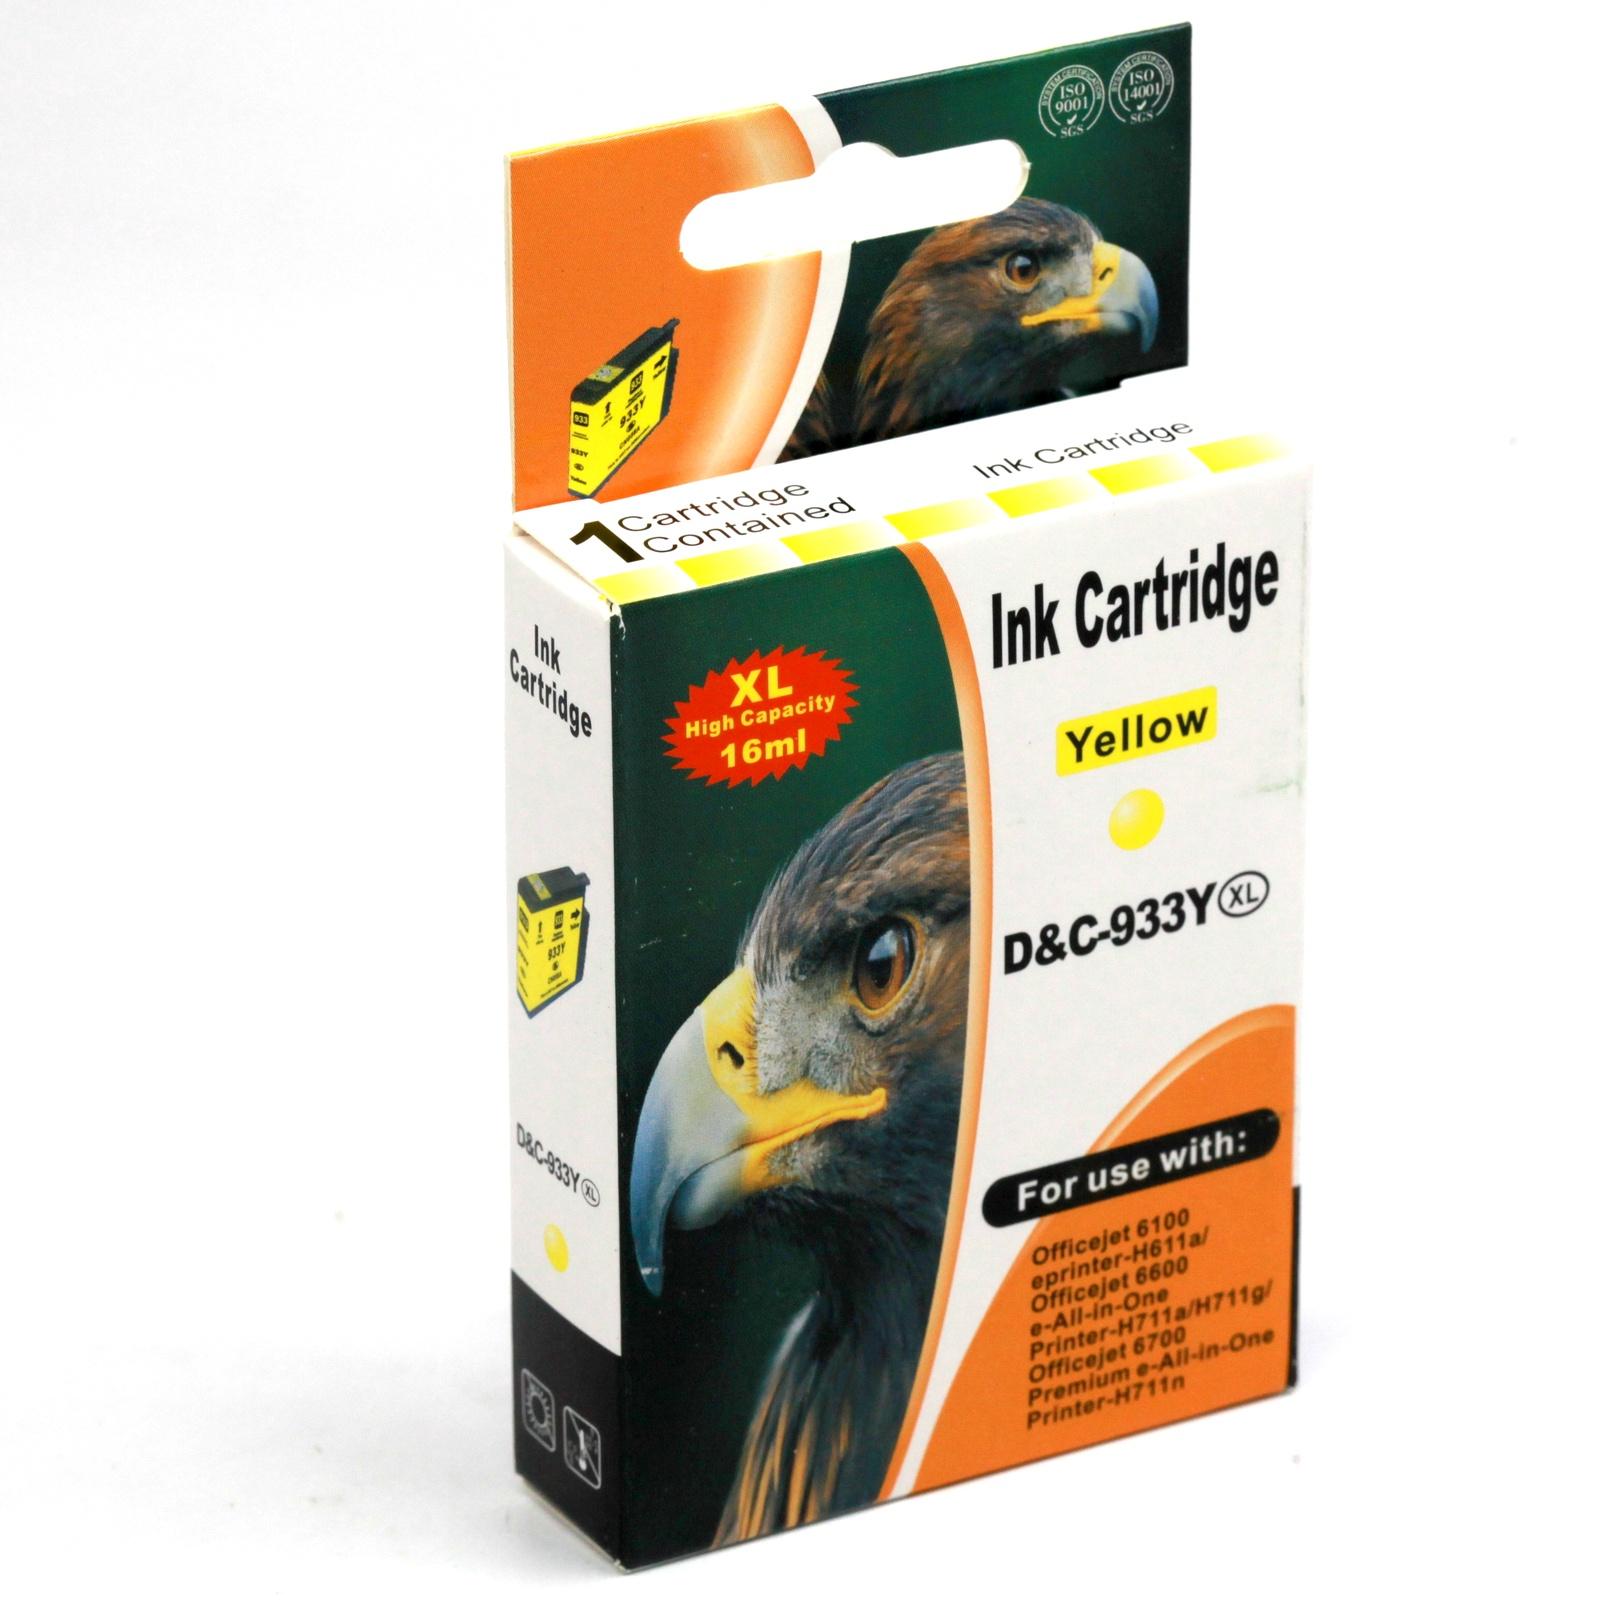 Картридж INKO HP 933 XL OfficeJet 6100, 6600, 6700, 7110, 7610, 7612, 7510 желтый printer 7612 hp